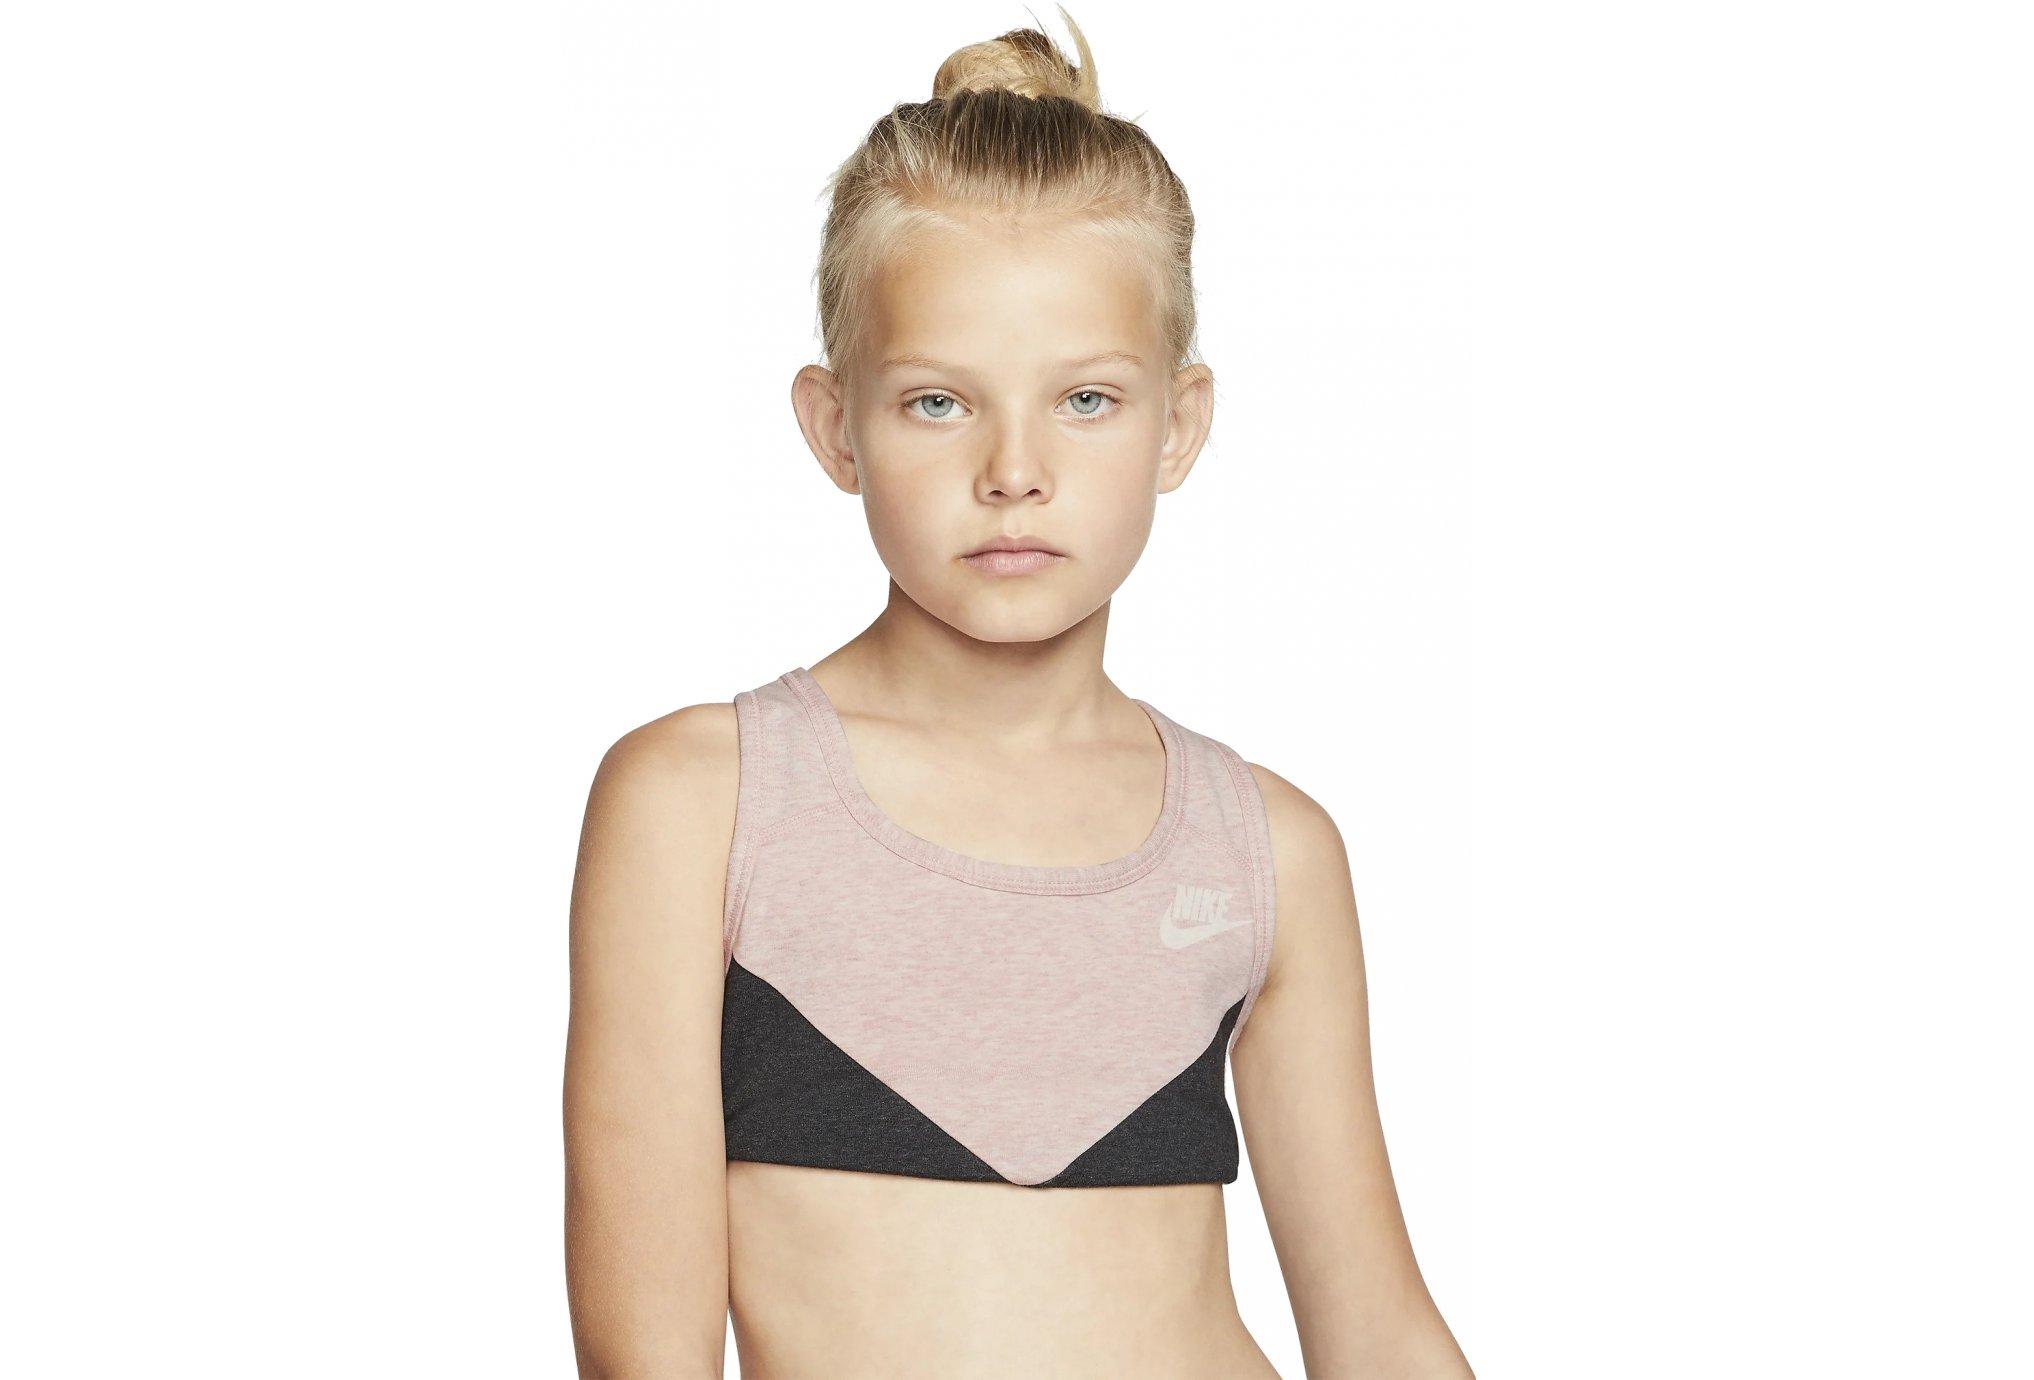 Nike Windrunner Fille vêtement running femme